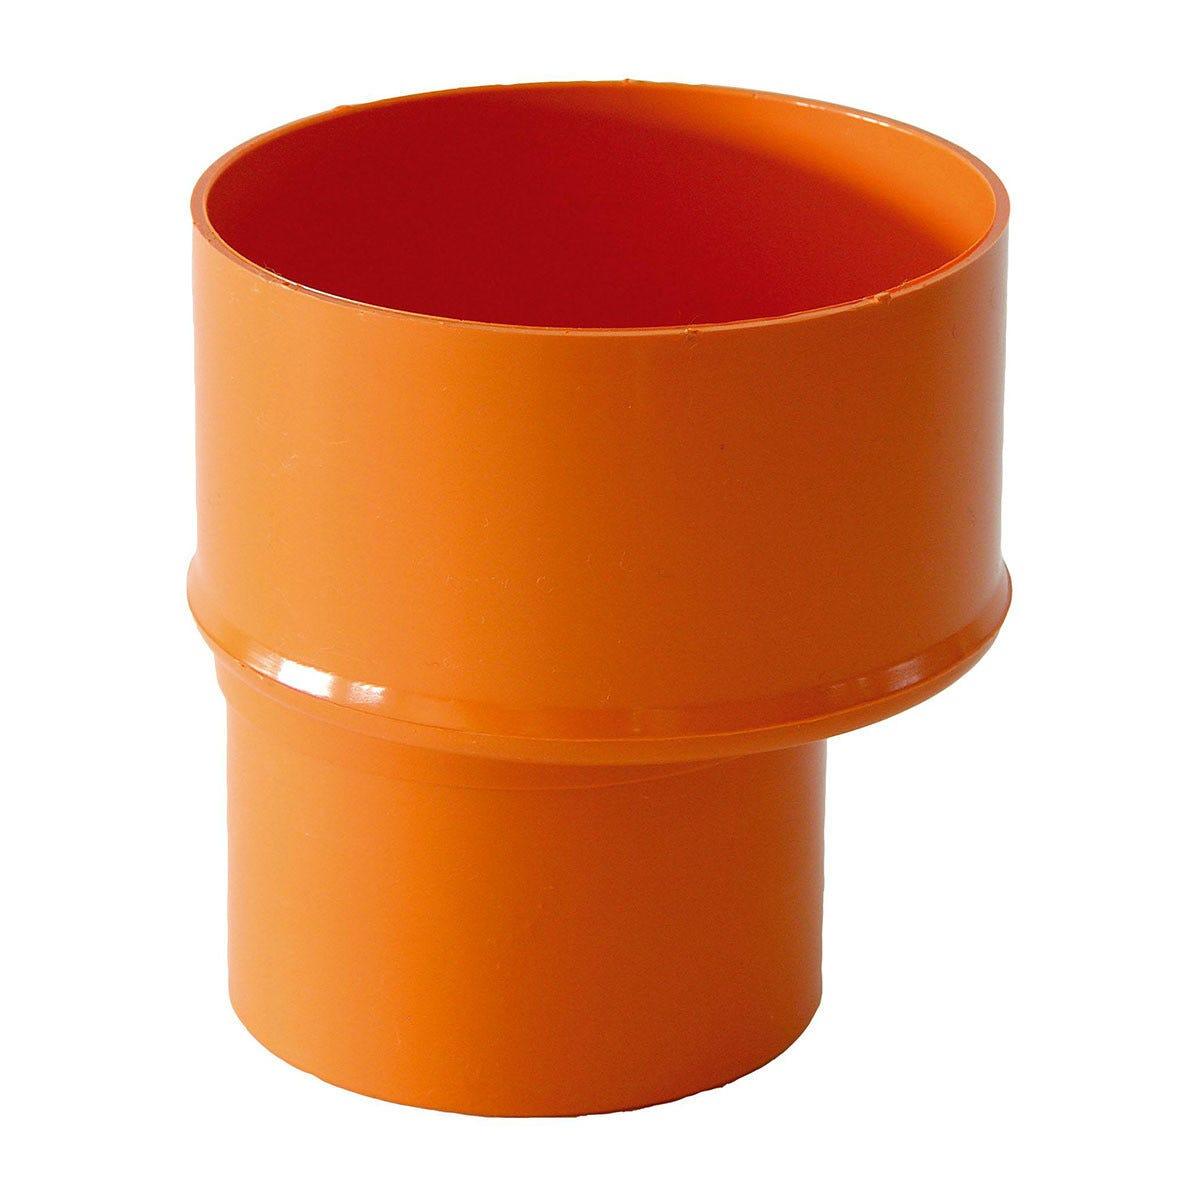 riduzione Ø 125x63 mm pvc arancio